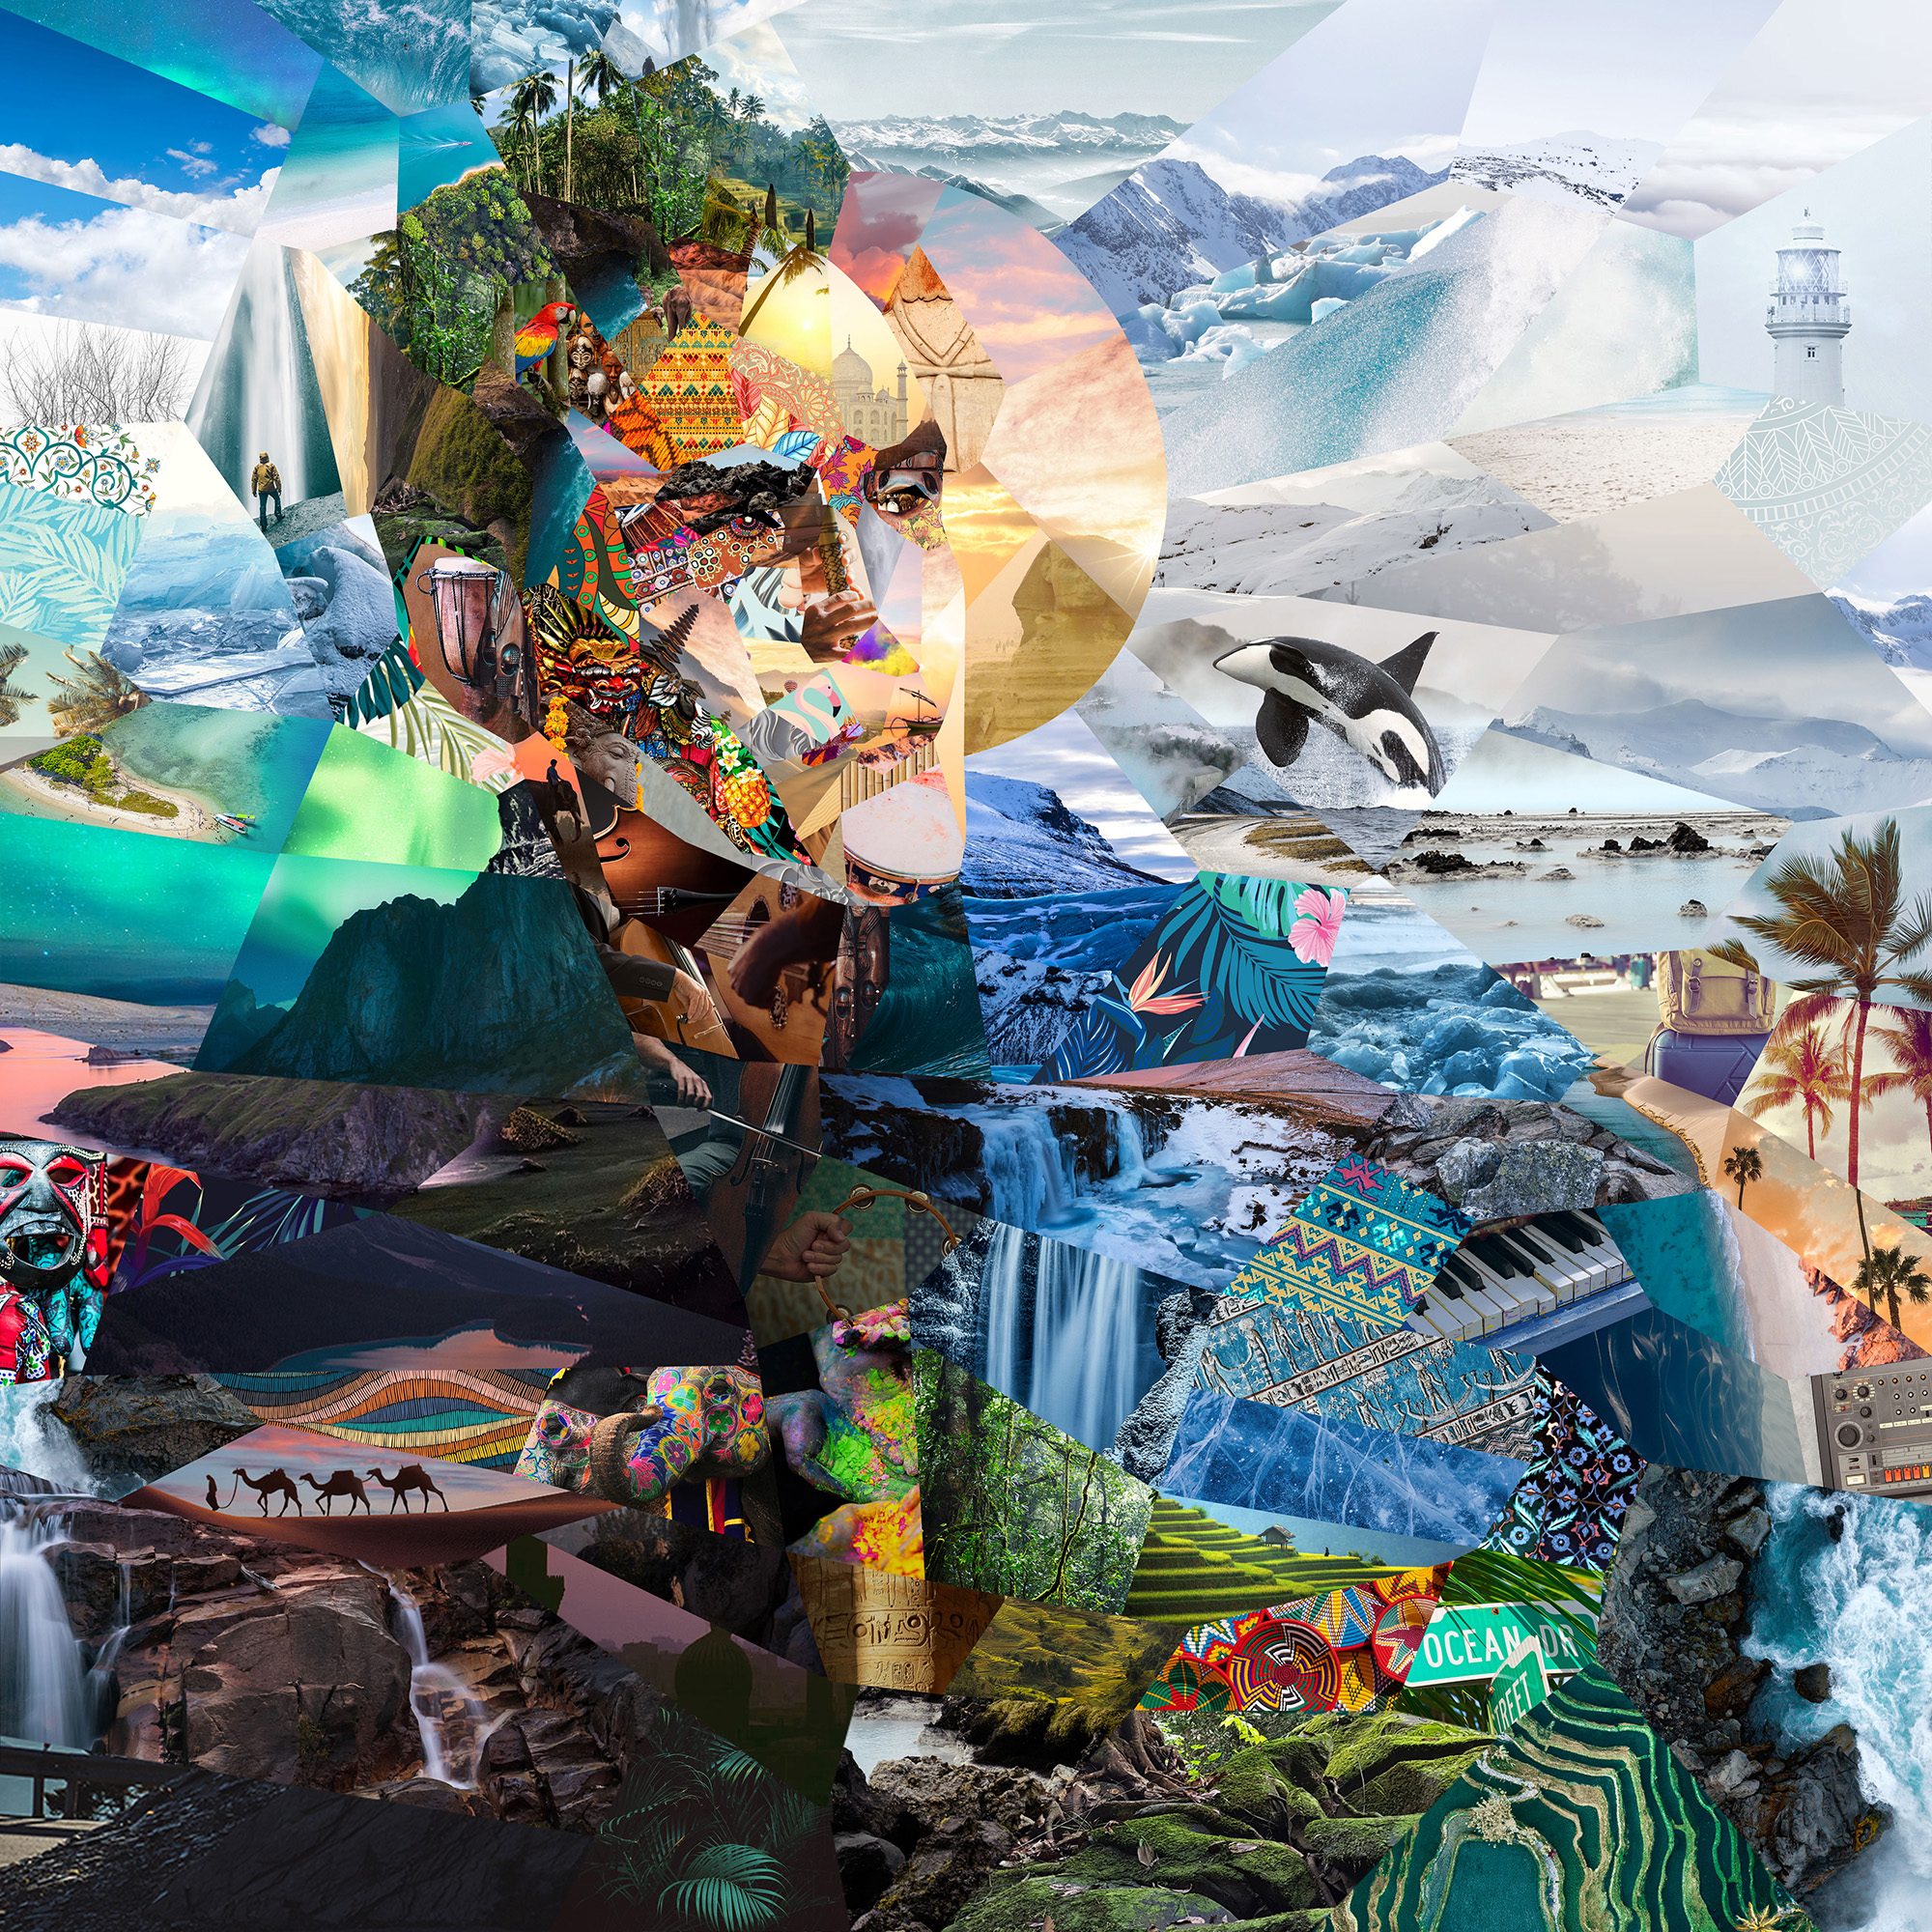 KUN | MUSIC ALBUM ARTWORK